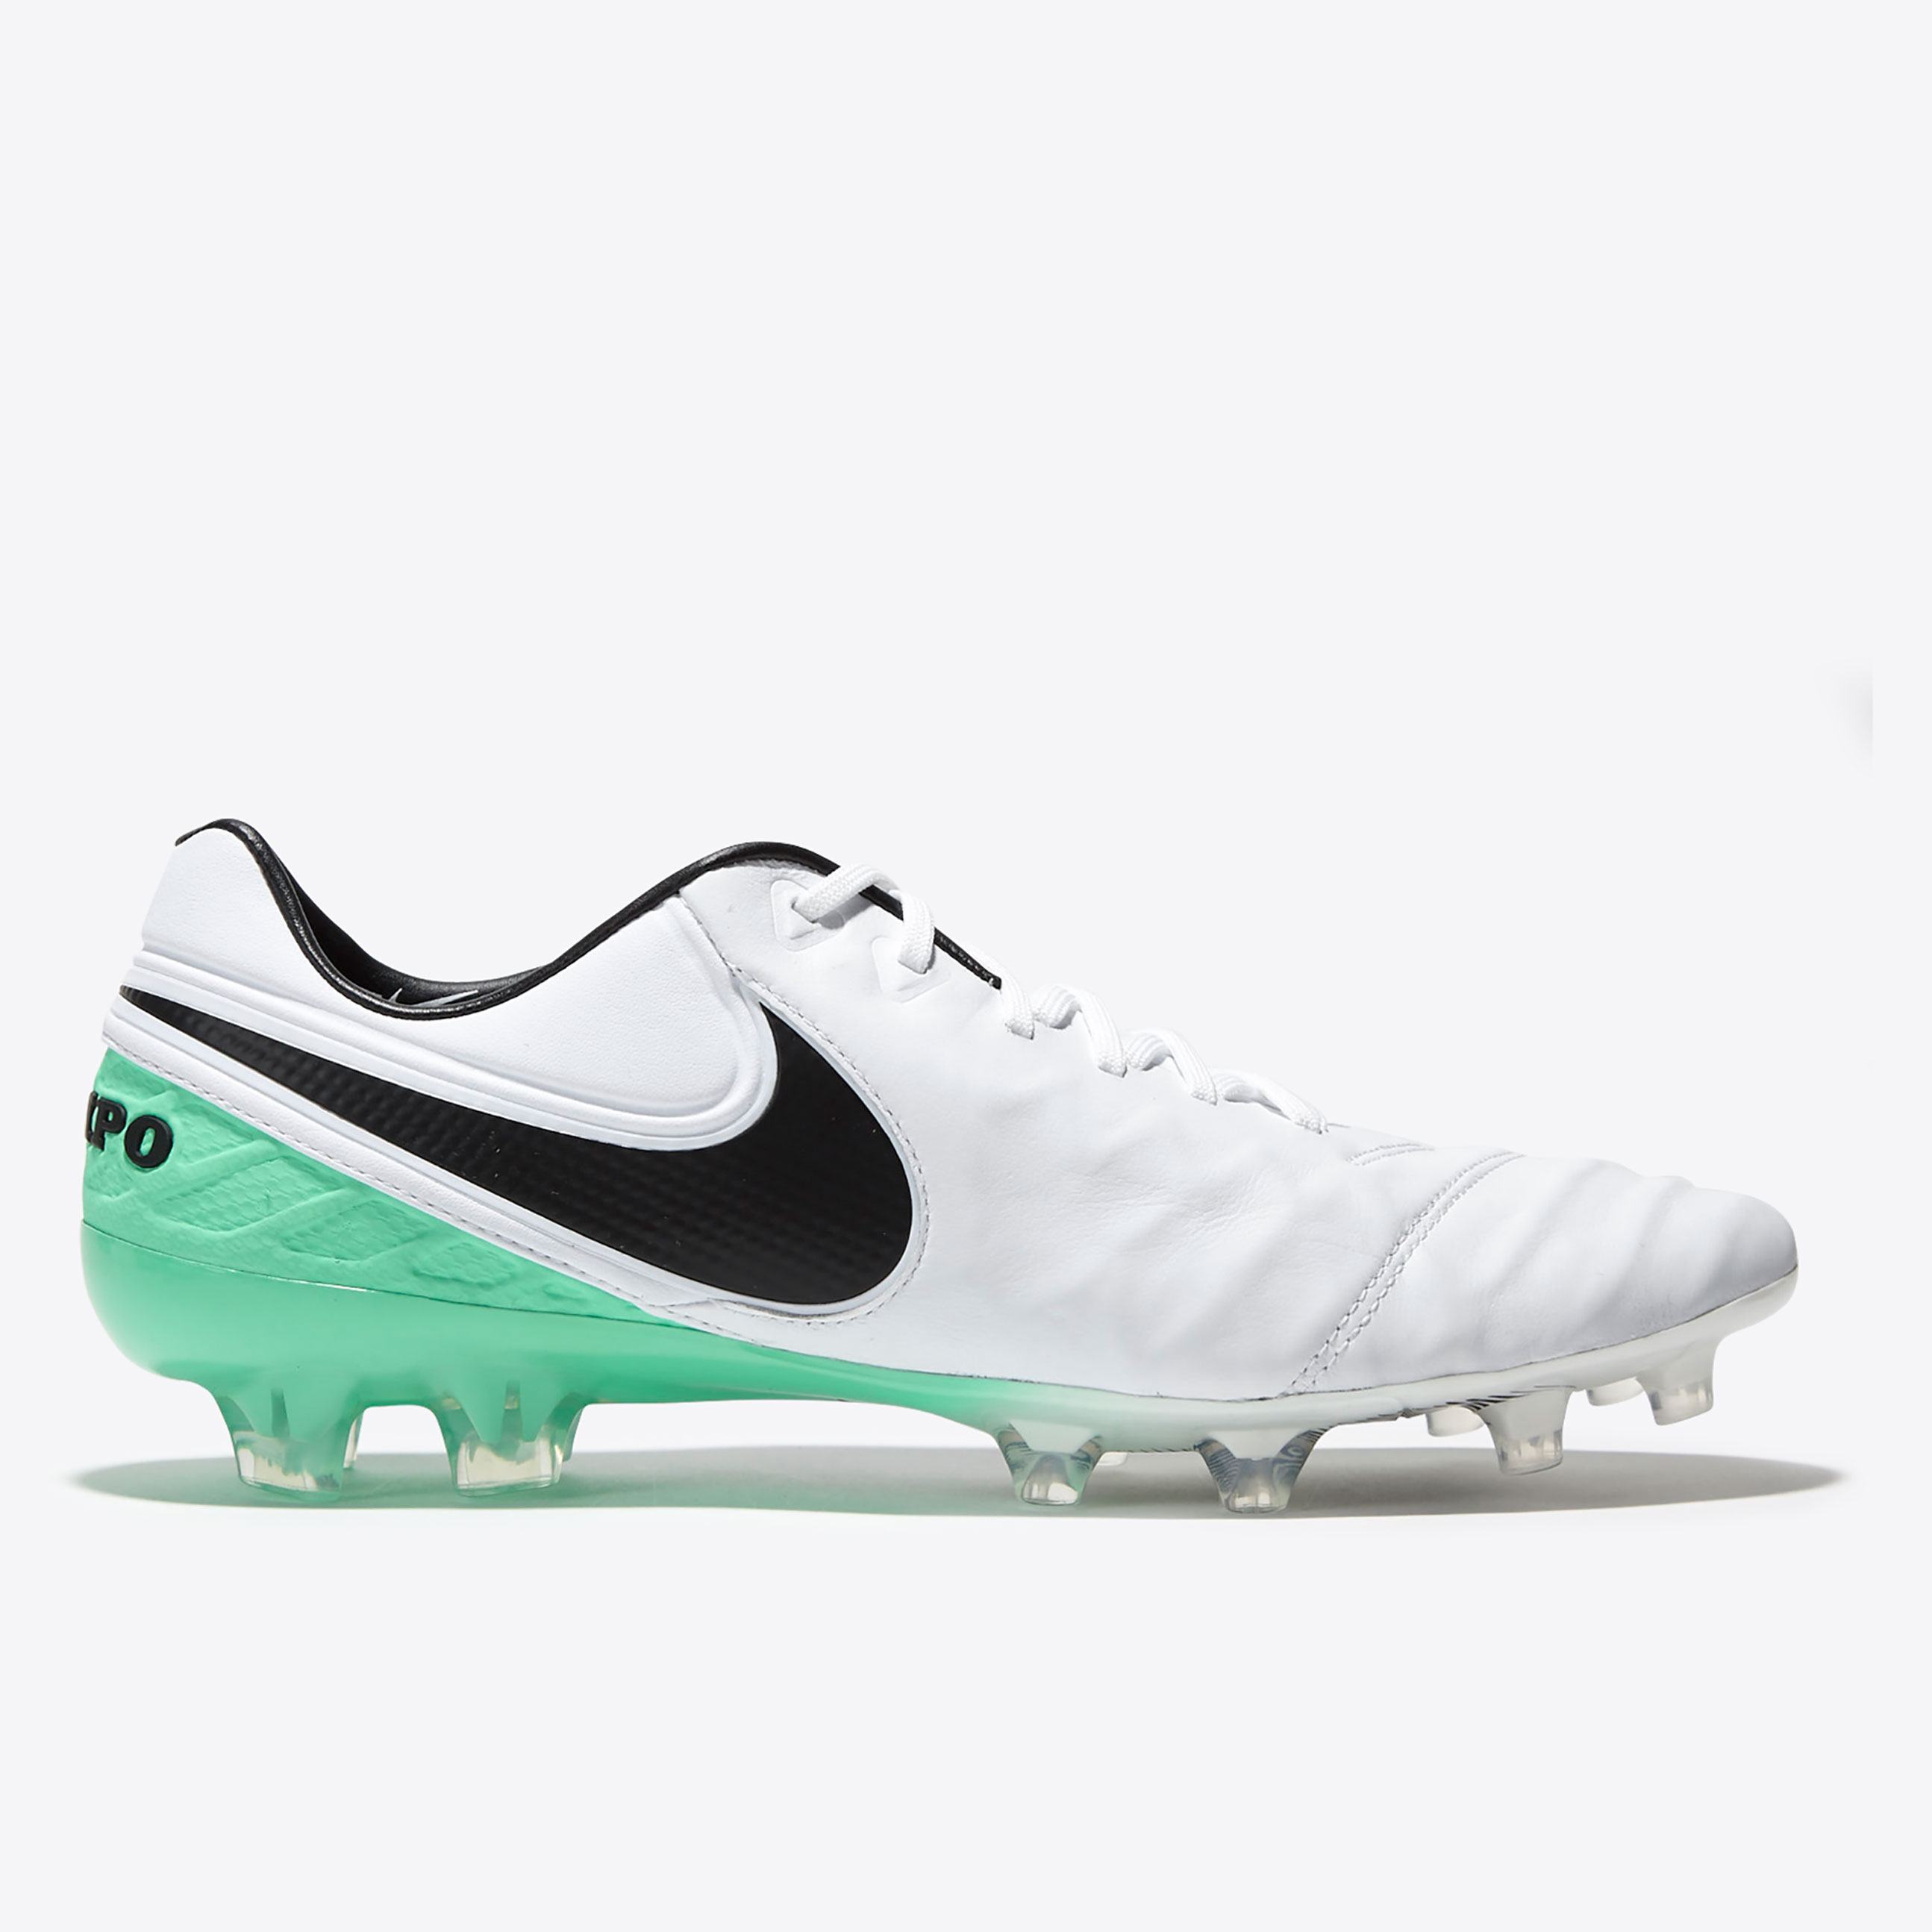 Nike Tiempo Legend VI FG White/Black/Electro